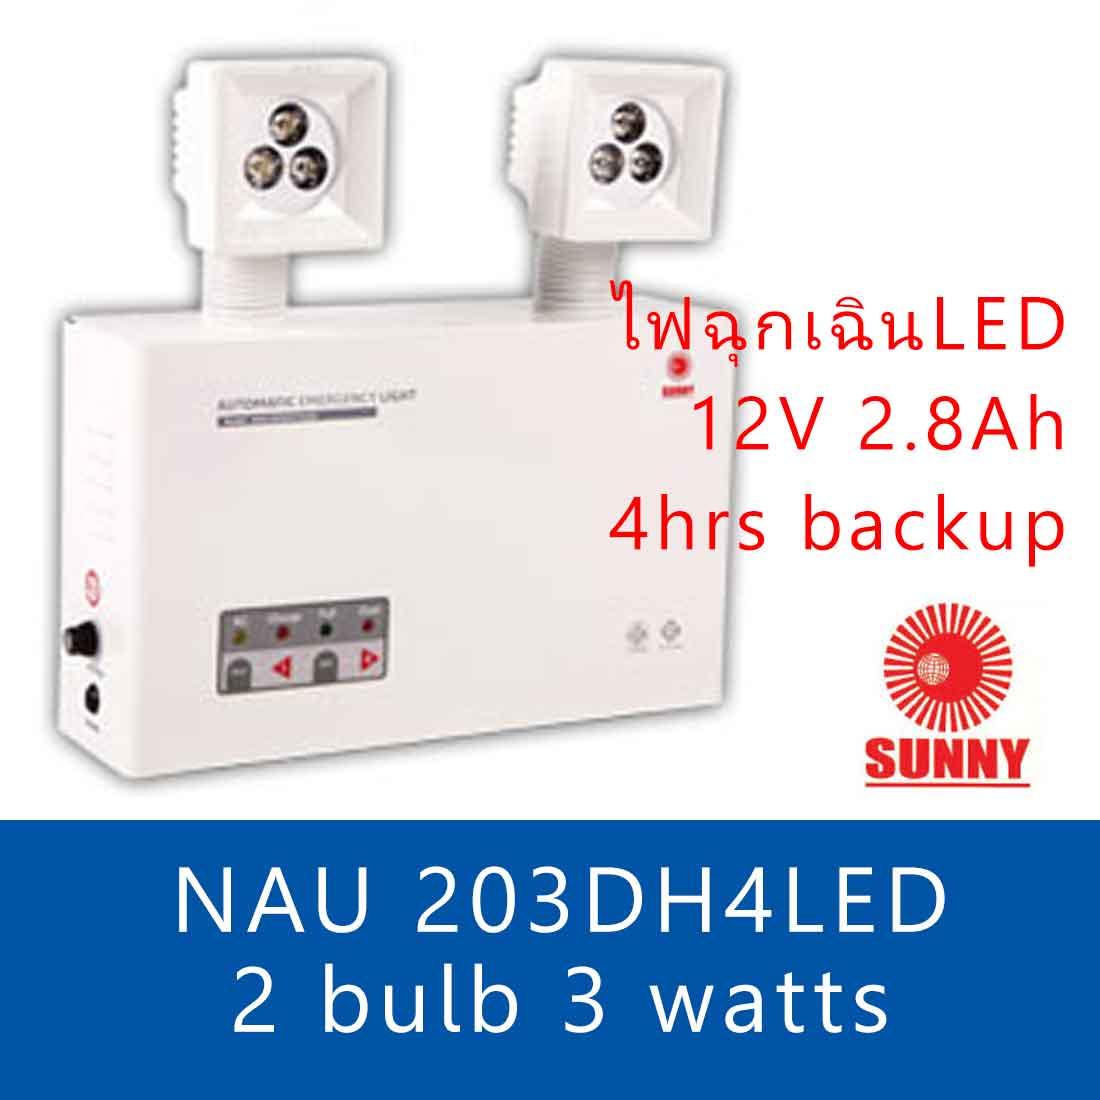 โคมไฟฉุกเฉิน LED 2 หลอด 3 watt 12V 2.8Ah 4hrs NAU203DH4LED SUNNY